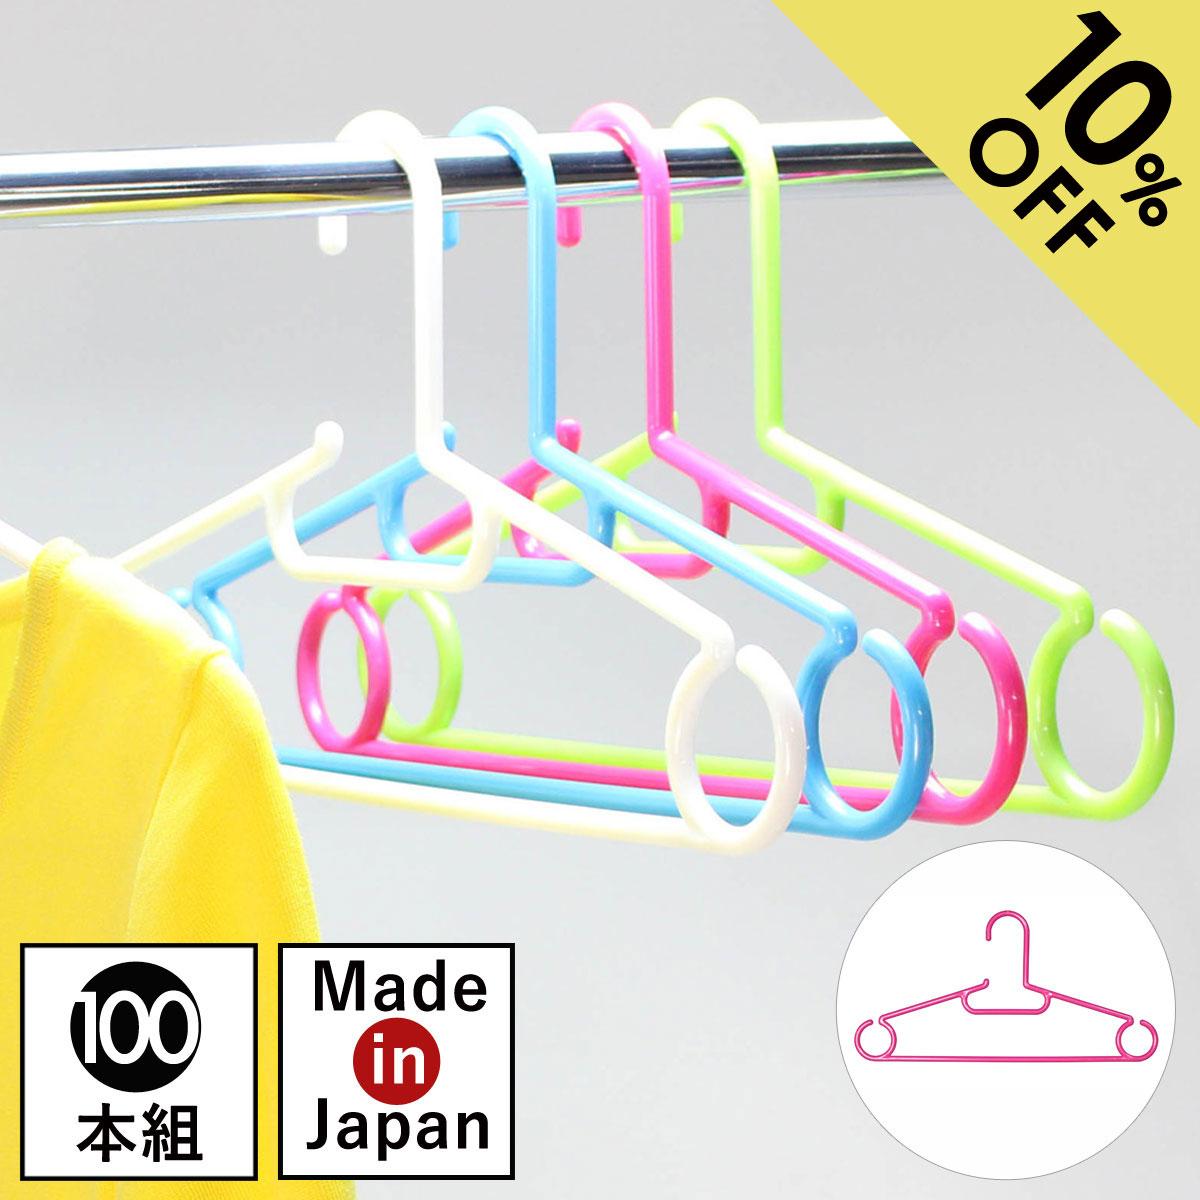 ハンガー 洗濯 収納 カラフル 型崩れ プラスチックハンガー シャツ用 物干し Livido ハンガー Livido ファミリー100本セット カラフル おしゃれ かわいい